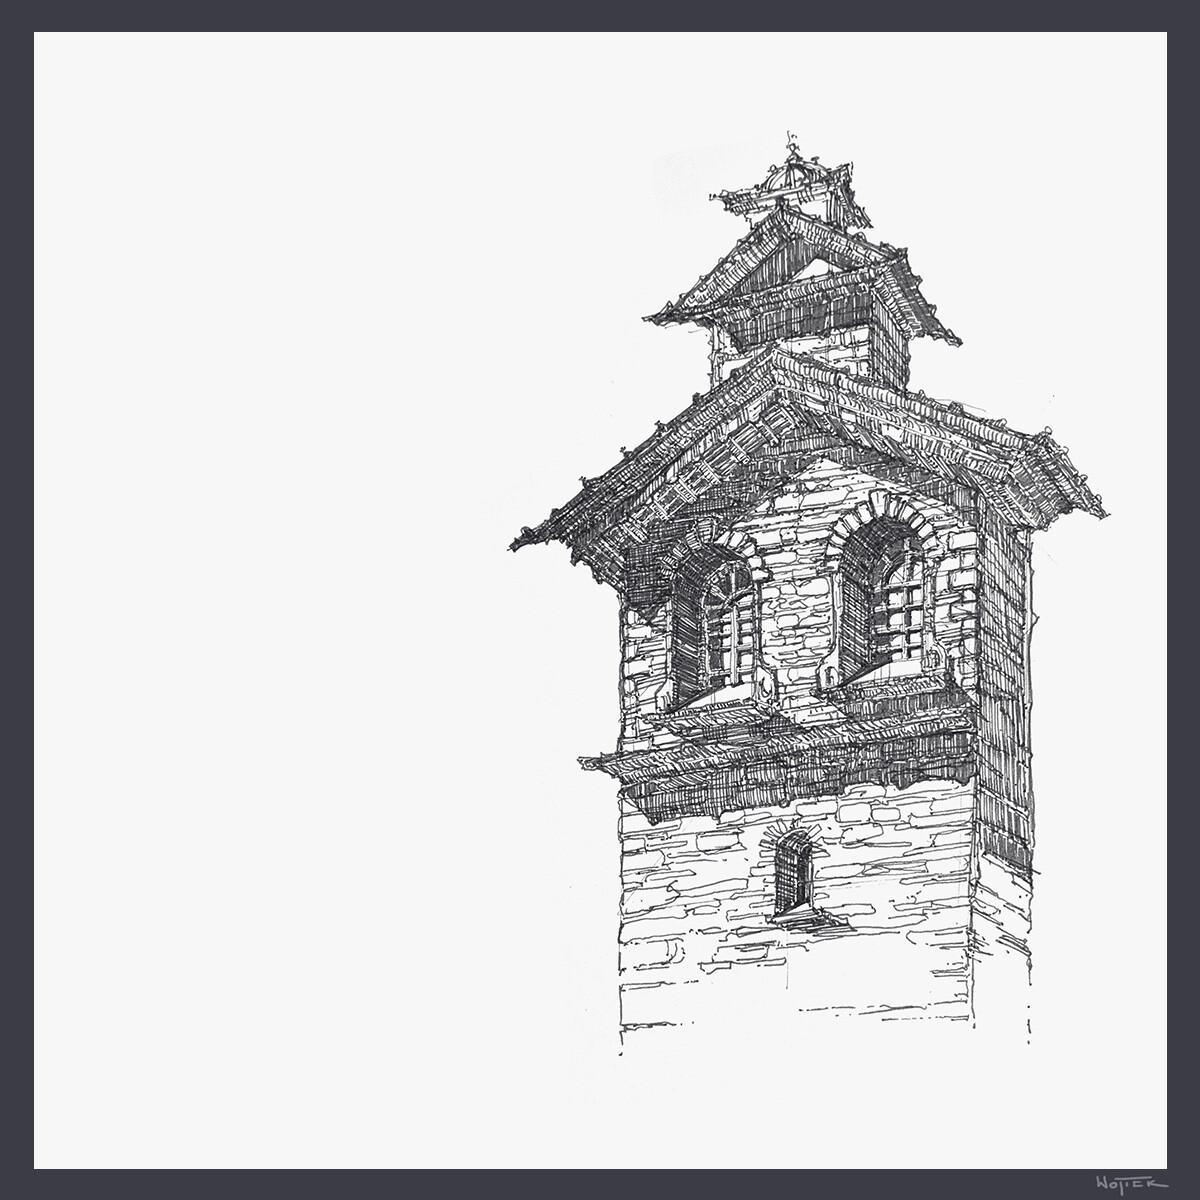 Sketchbook - 2020 - part 1